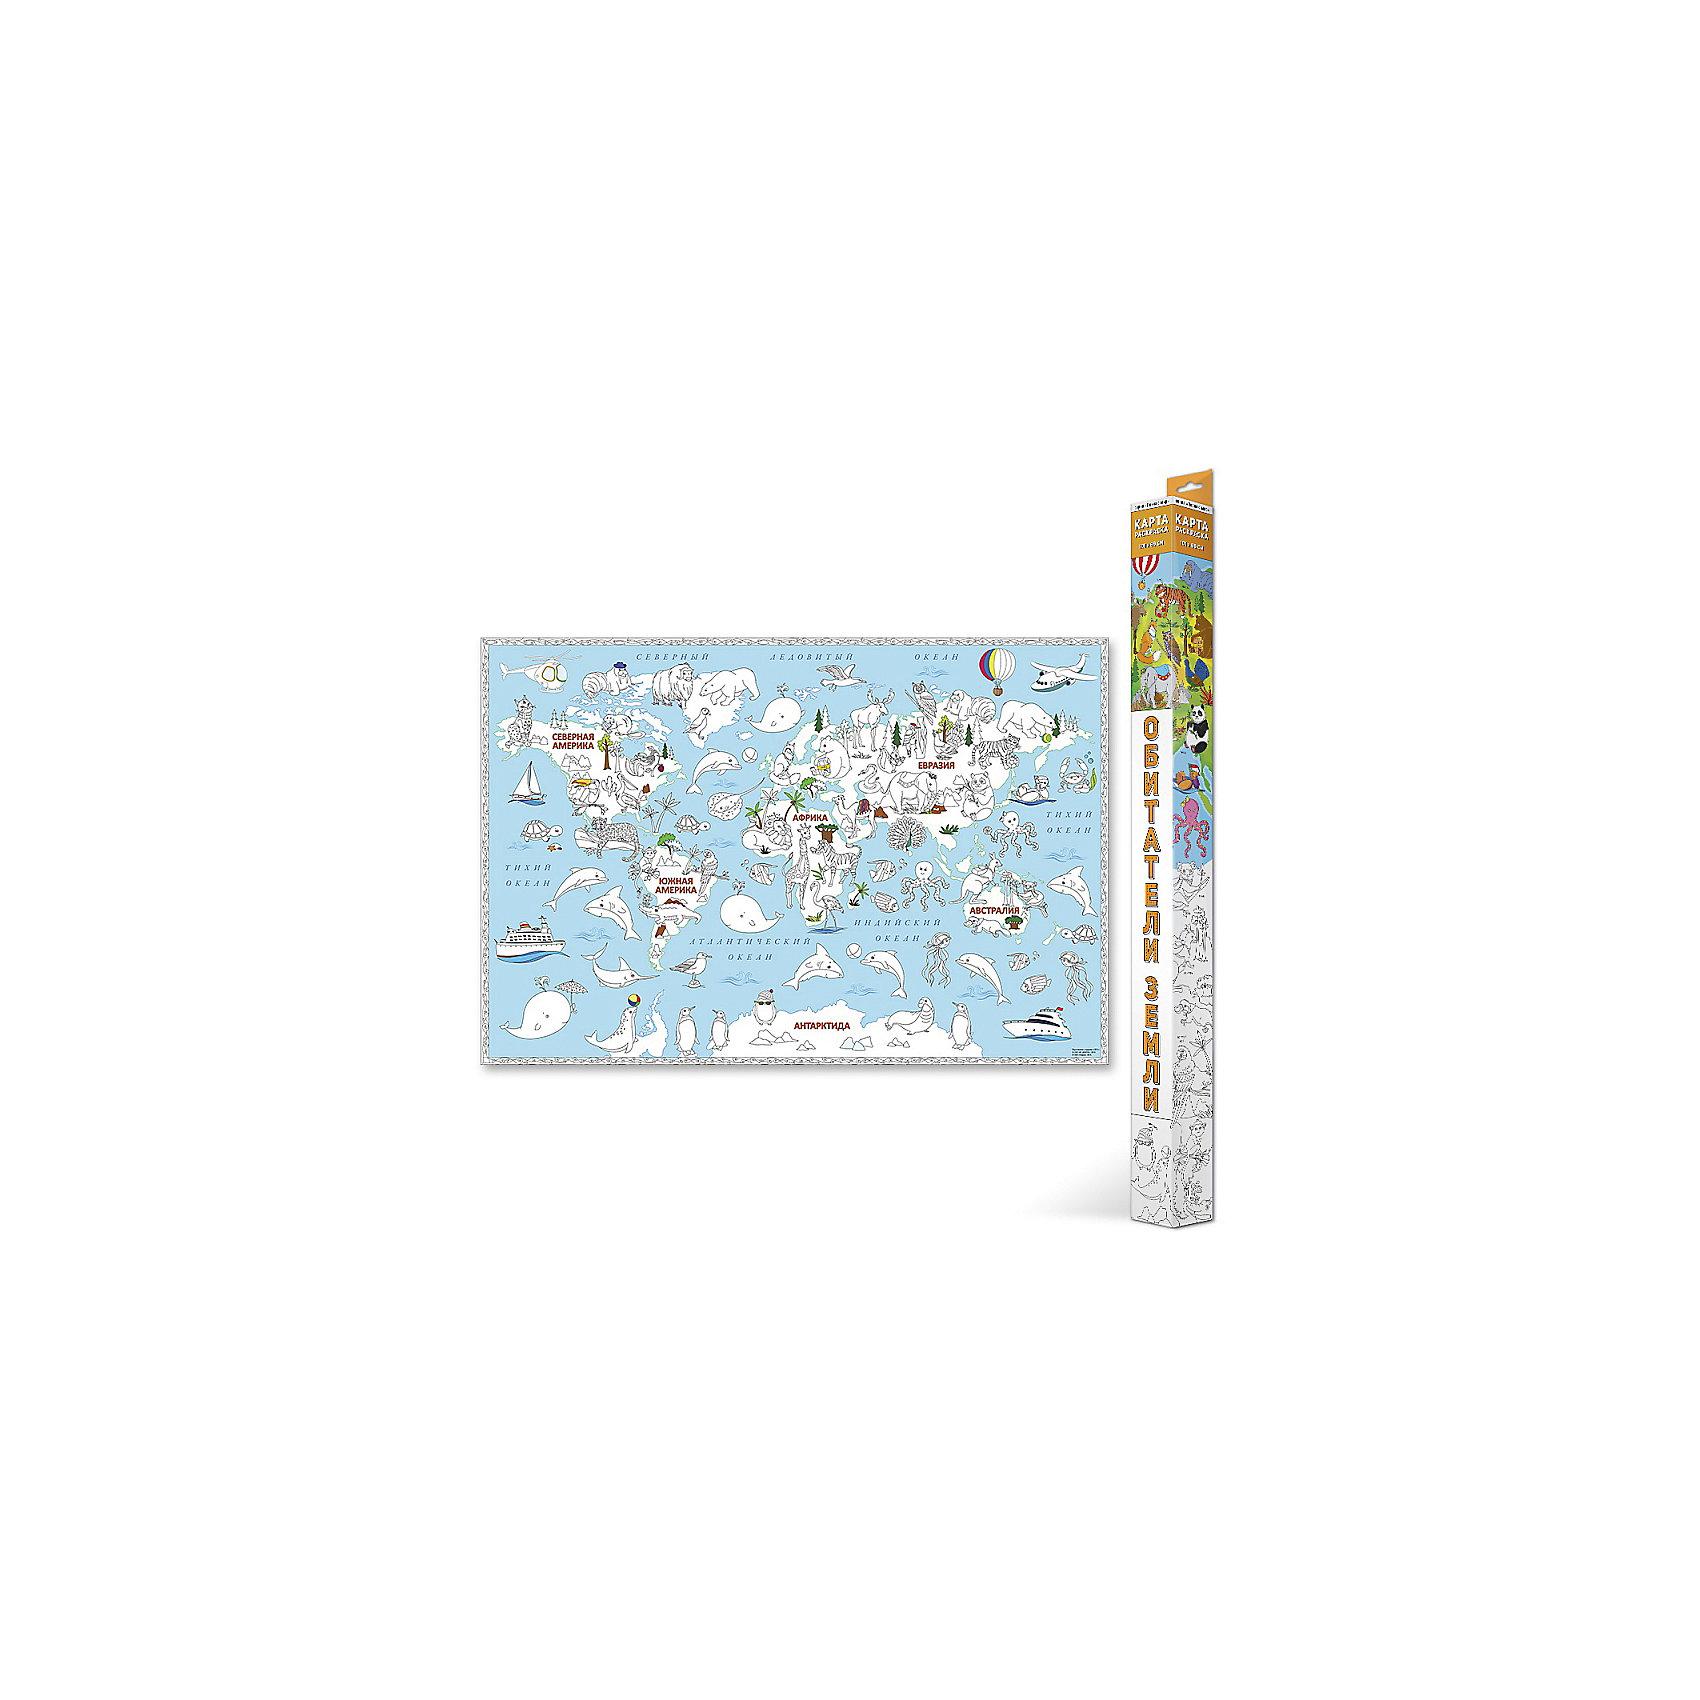 Карта-Раскраска Обитатели Земли 101*69 смРаскраски по номерам<br>Карта-Раскраска Обитатели Земли 101*69 см<br><br>Характеристики:<br><br>• В набор входит: раскраска в коробке<br>• Размер раскраски: 101 * 69 см.<br>• Состав: бумага, картон<br>• Вес: 110 г.<br>• Для детей в возрасте: от 3 до 6 лет<br>• Страна производитель: Россия<br><br>Благодаря значительному разнообразию животных и растений ребёнок может полностью использовать своё воображение и подбирать цвета как ему будет угодно. Особенно интересно будет раскрашивать картинки карандашами или фломастерами с большим количеством оттенков, хотя, как показано на образце, можно и ограничиться стандартным набором из 12ти цветов. Играя с раскрасками дети развивают моторику рук и готовят руку к письму, развивая творческие способности, учась подбирать цветовую гамму. Дети запоминают формы, учатся как правильно рисовать те или иные вещи, улучшают внимание и концентрацию.<br><br>Карту-Раскраску Обитатели Земли 101*69 см. можно купить в нашем интернет-магазине.<br><br>Ширина мм: 1010<br>Глубина мм: 690<br>Высота мм: 1<br>Вес г: 110<br>Возраст от месяцев: 36<br>Возраст до месяцев: 108<br>Пол: Унисекс<br>Возраст: Детский<br>SKU: 5423007